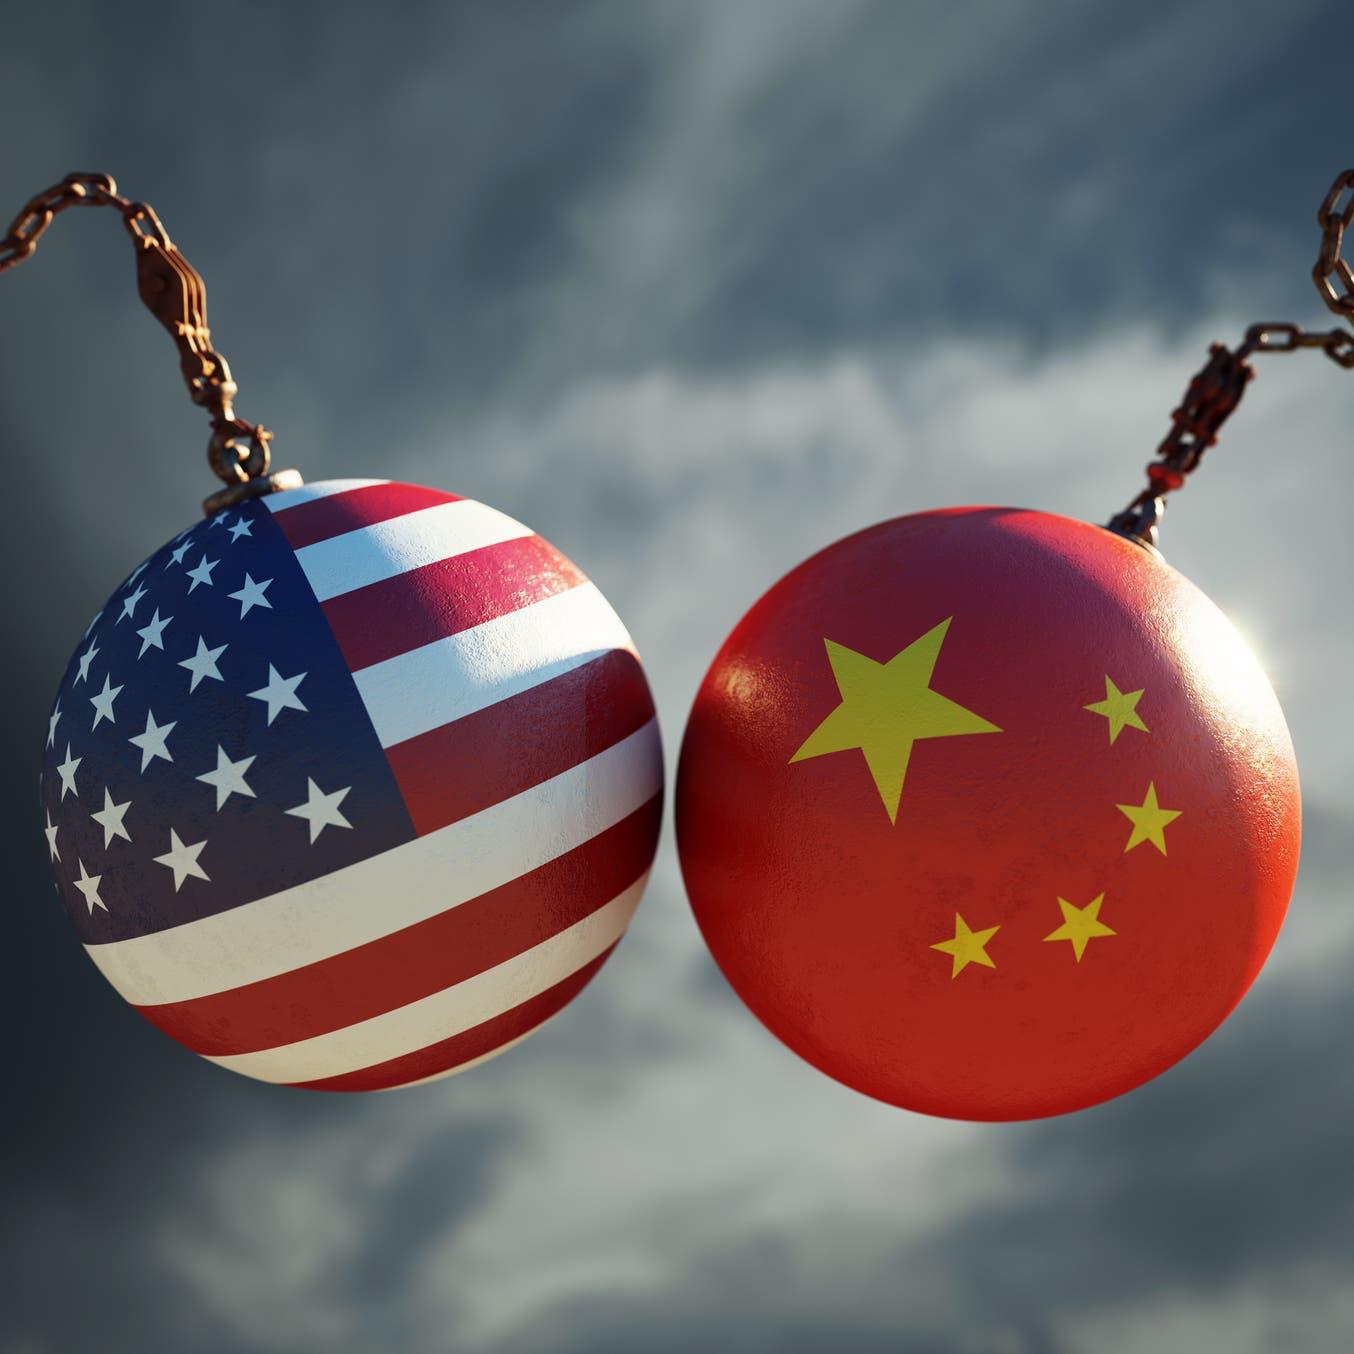 الصين والهند تتفوقان على اقتصاد أميركا.. خلال هذه الفترة